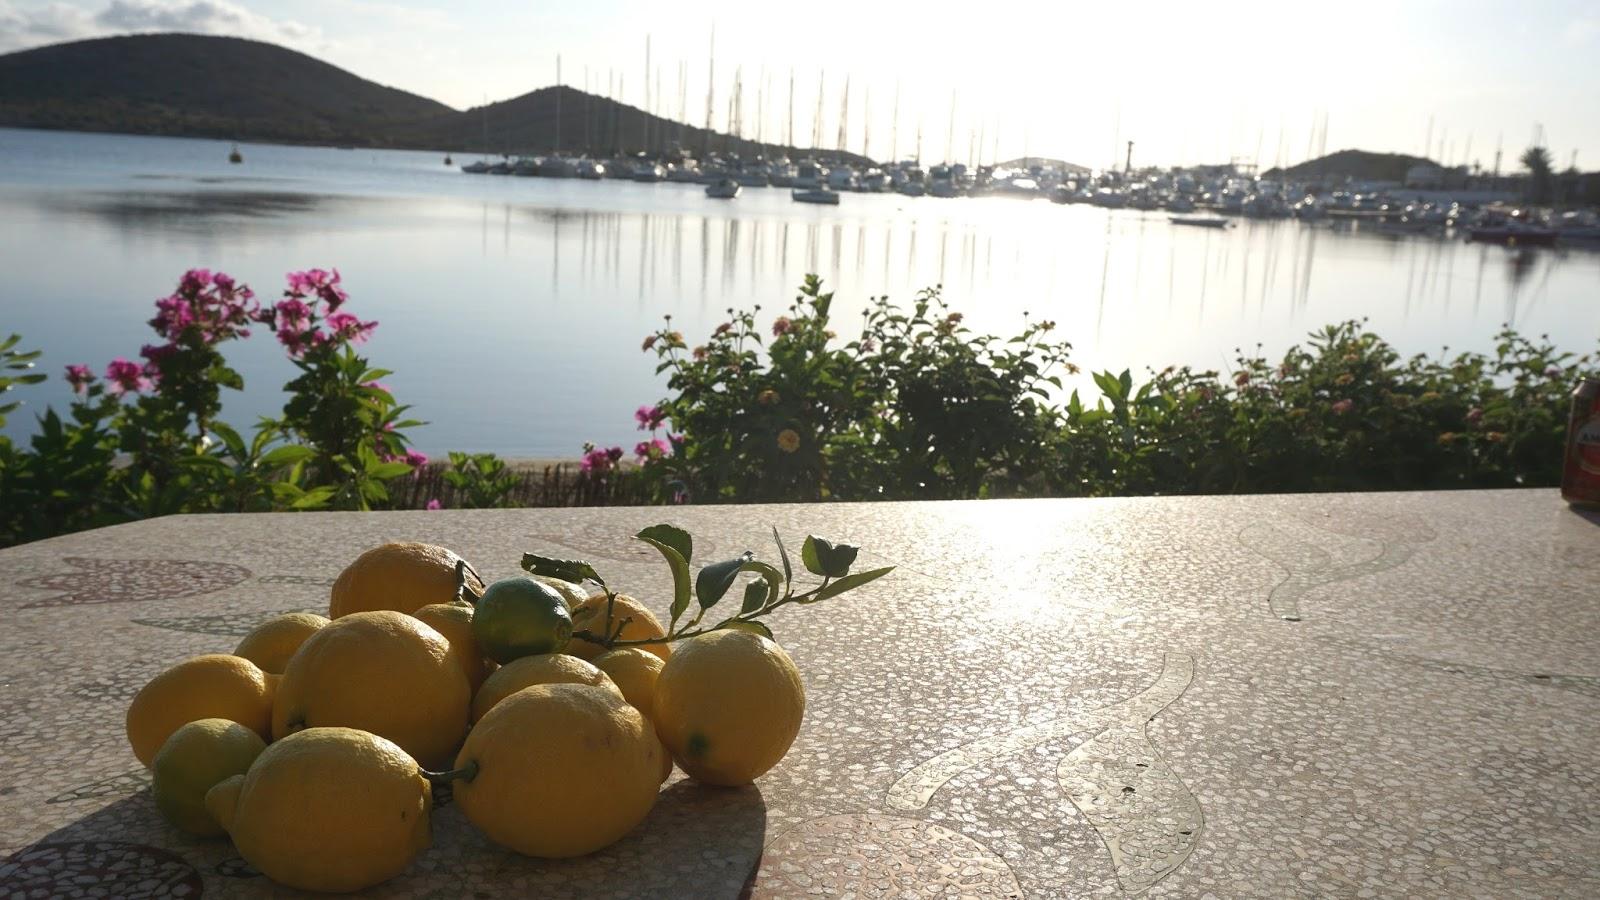 cytrynowy gaj Hiszpania, hiszpańskie cytryny, hiszpańskie owoce